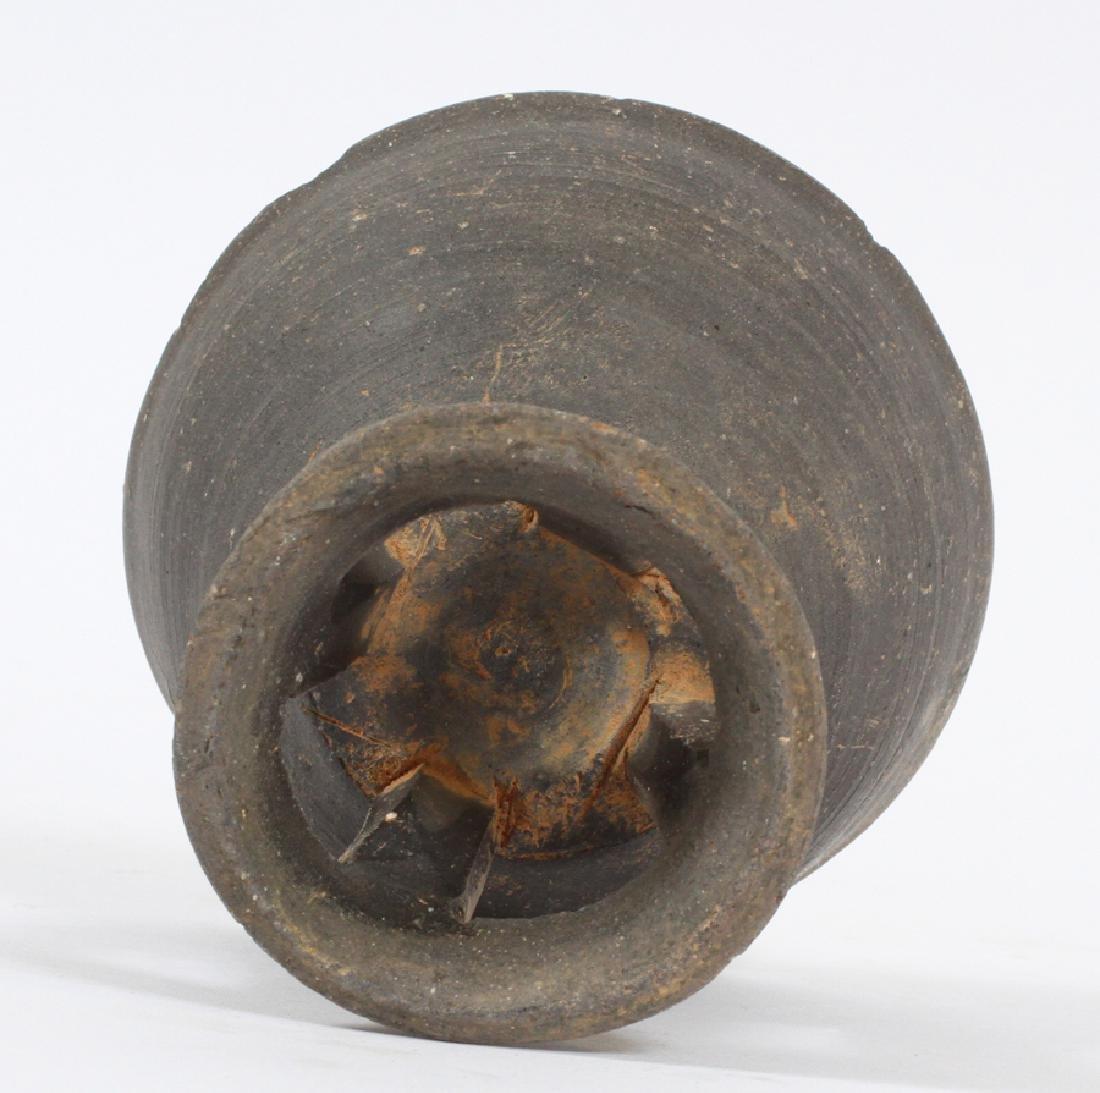 KOREAN SILLA PERIOD (57 BC- 935 AD), POTTERY BOWL - 4